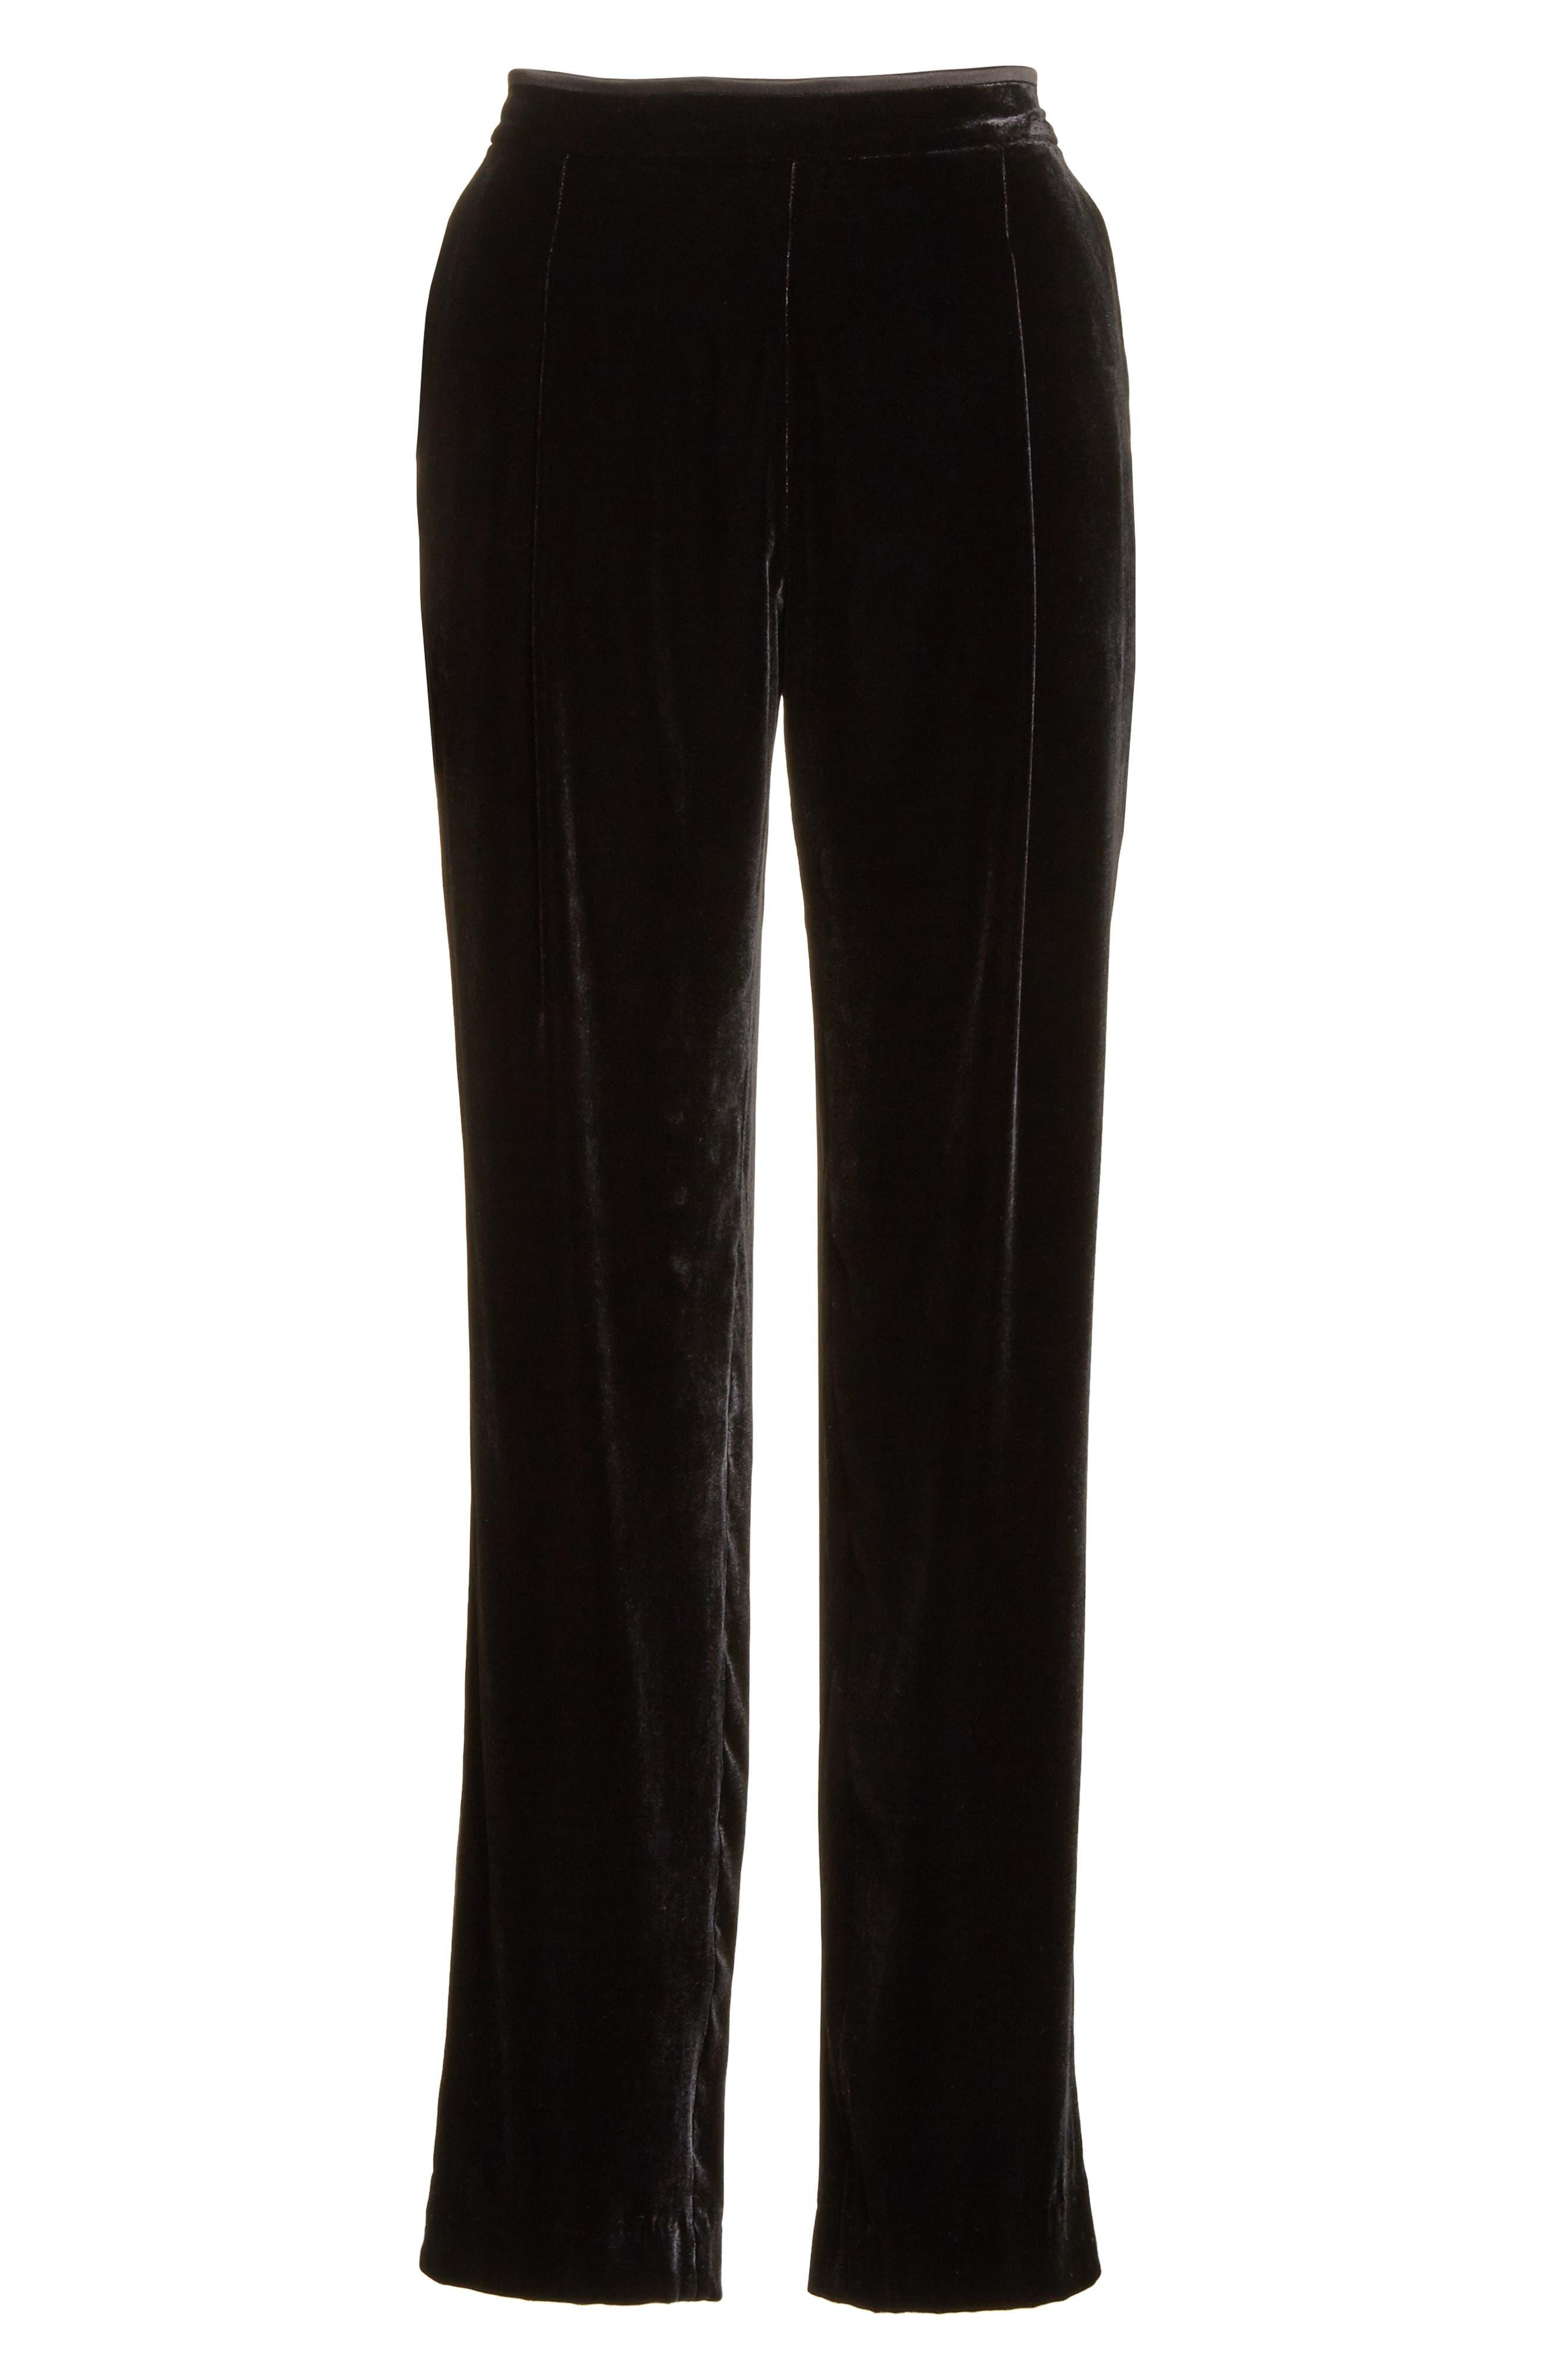 Soho Velvet Track Pants,                             Alternate thumbnail 6, color,                             Black